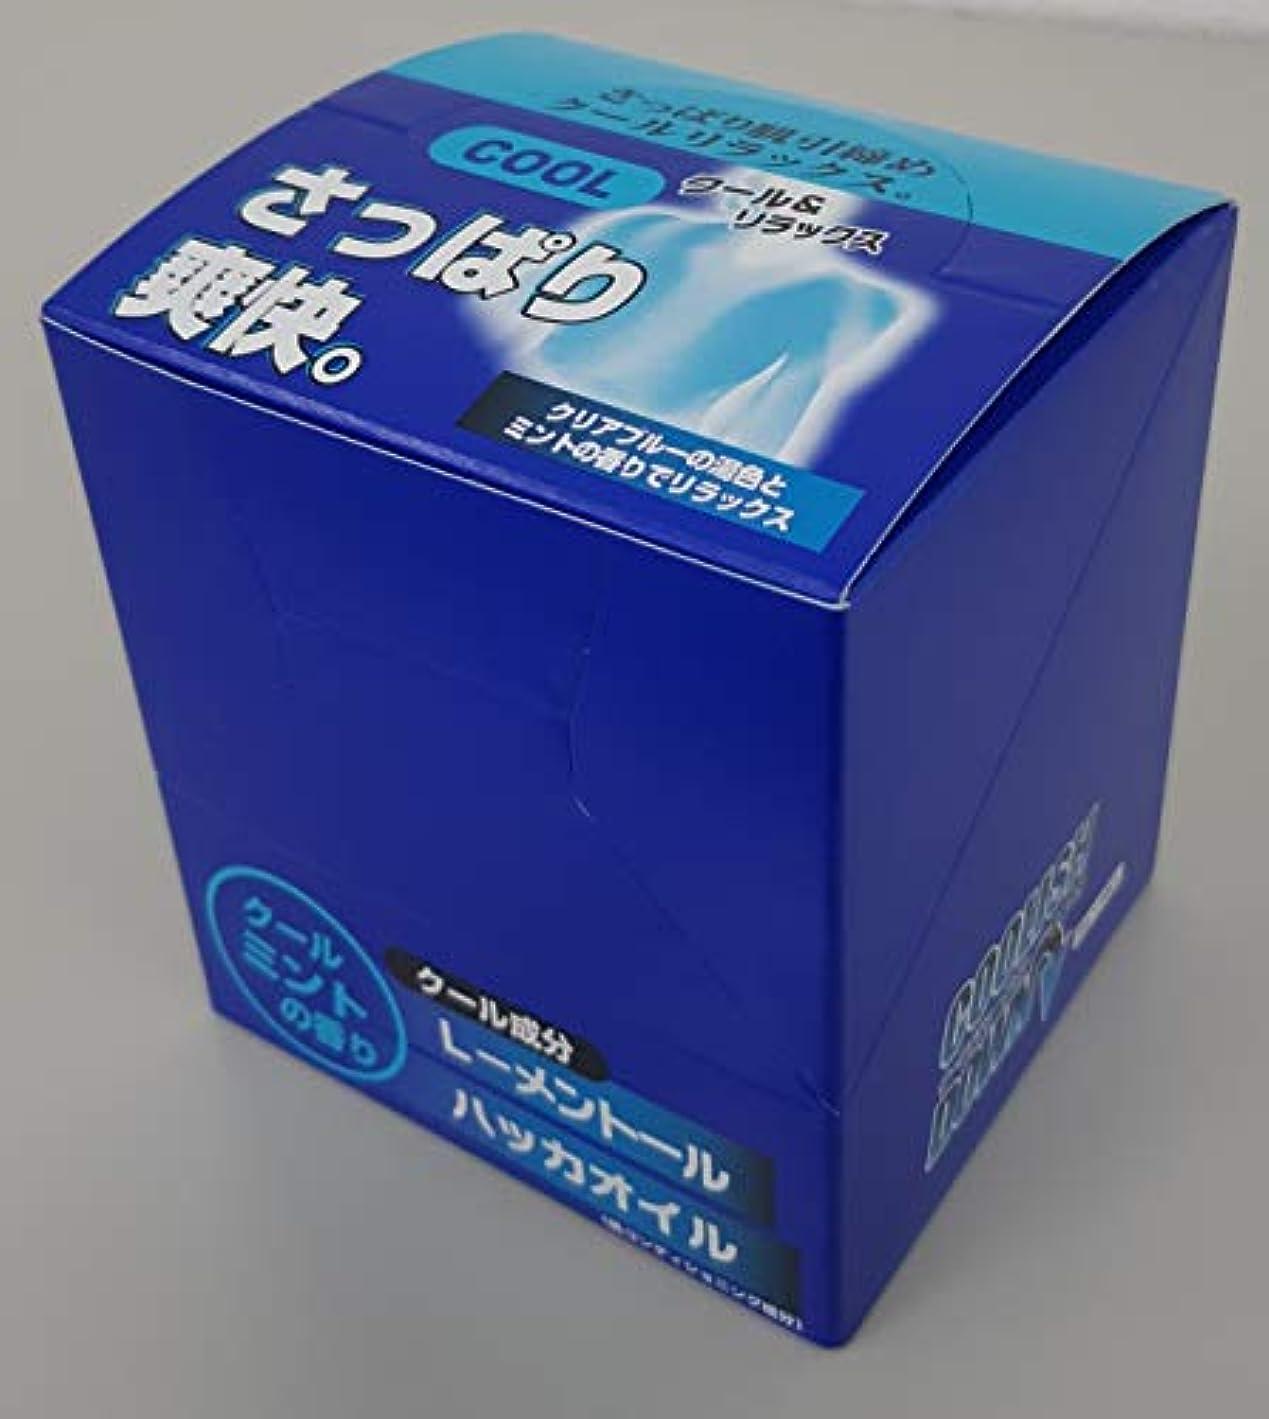 意志実施する法律五洲薬品 クーリッシュダウン 25g×10包入